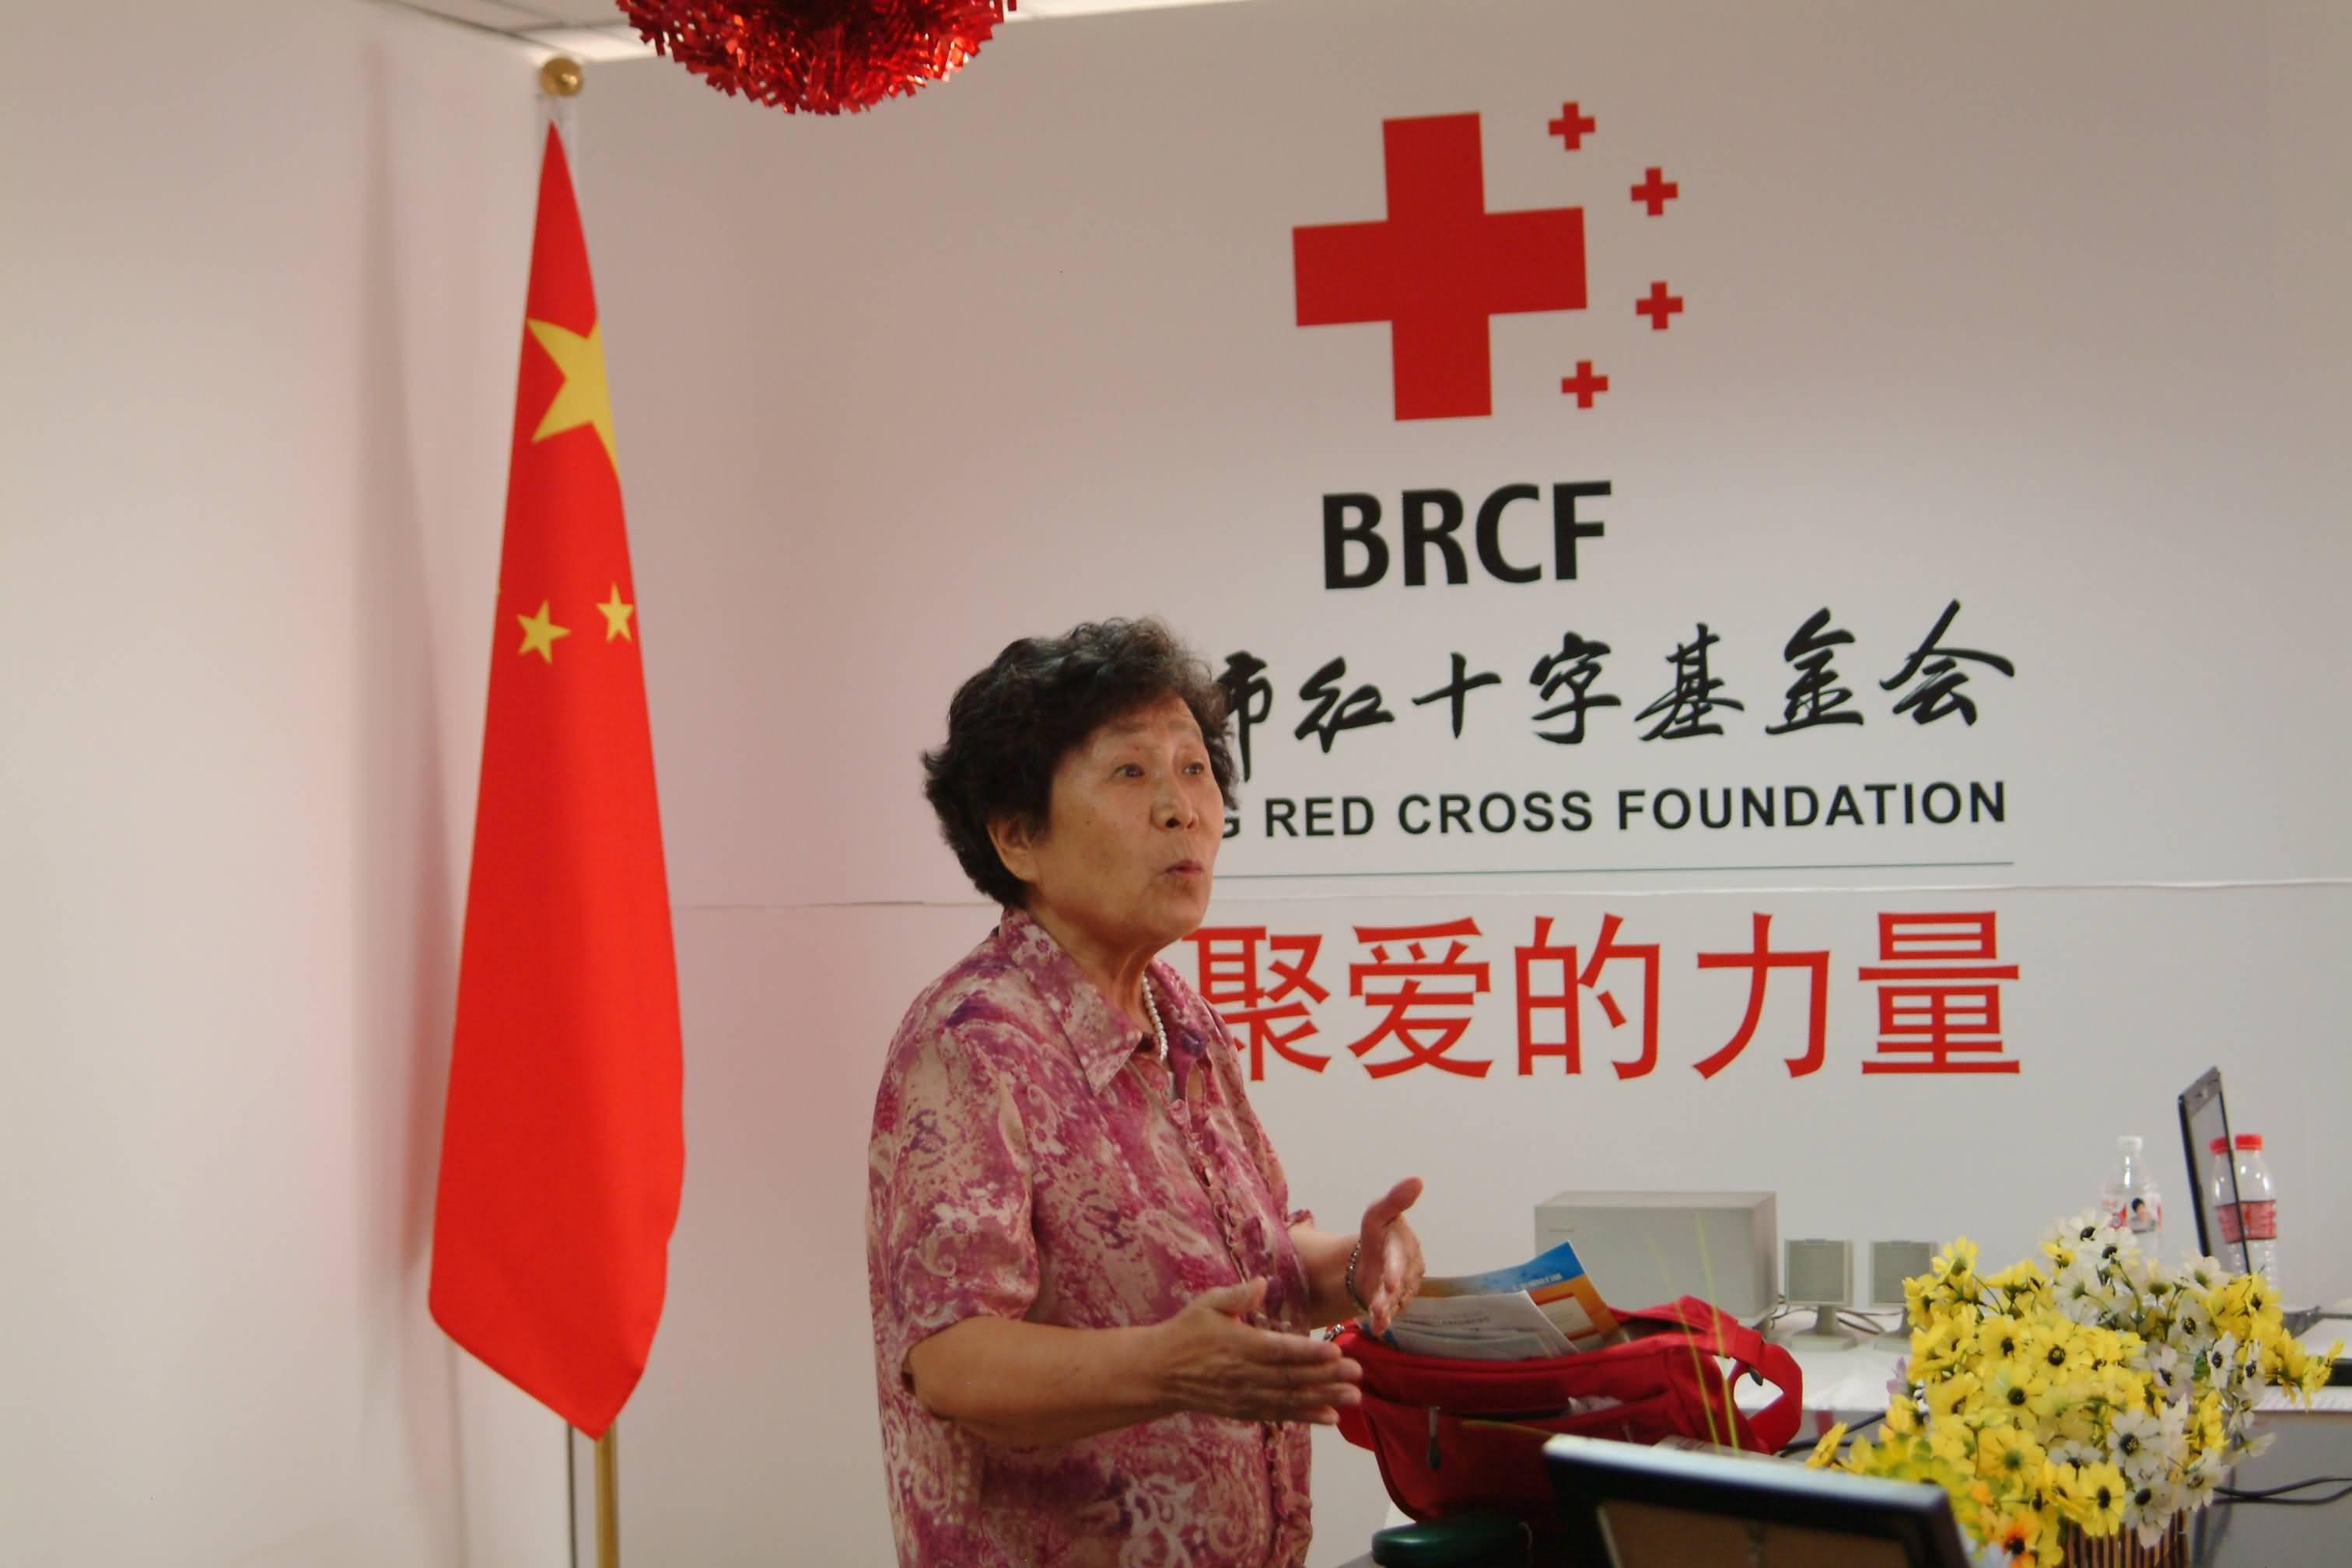 成功抗癌十七年,郭林气功彭老师为癌症患者讲述自己